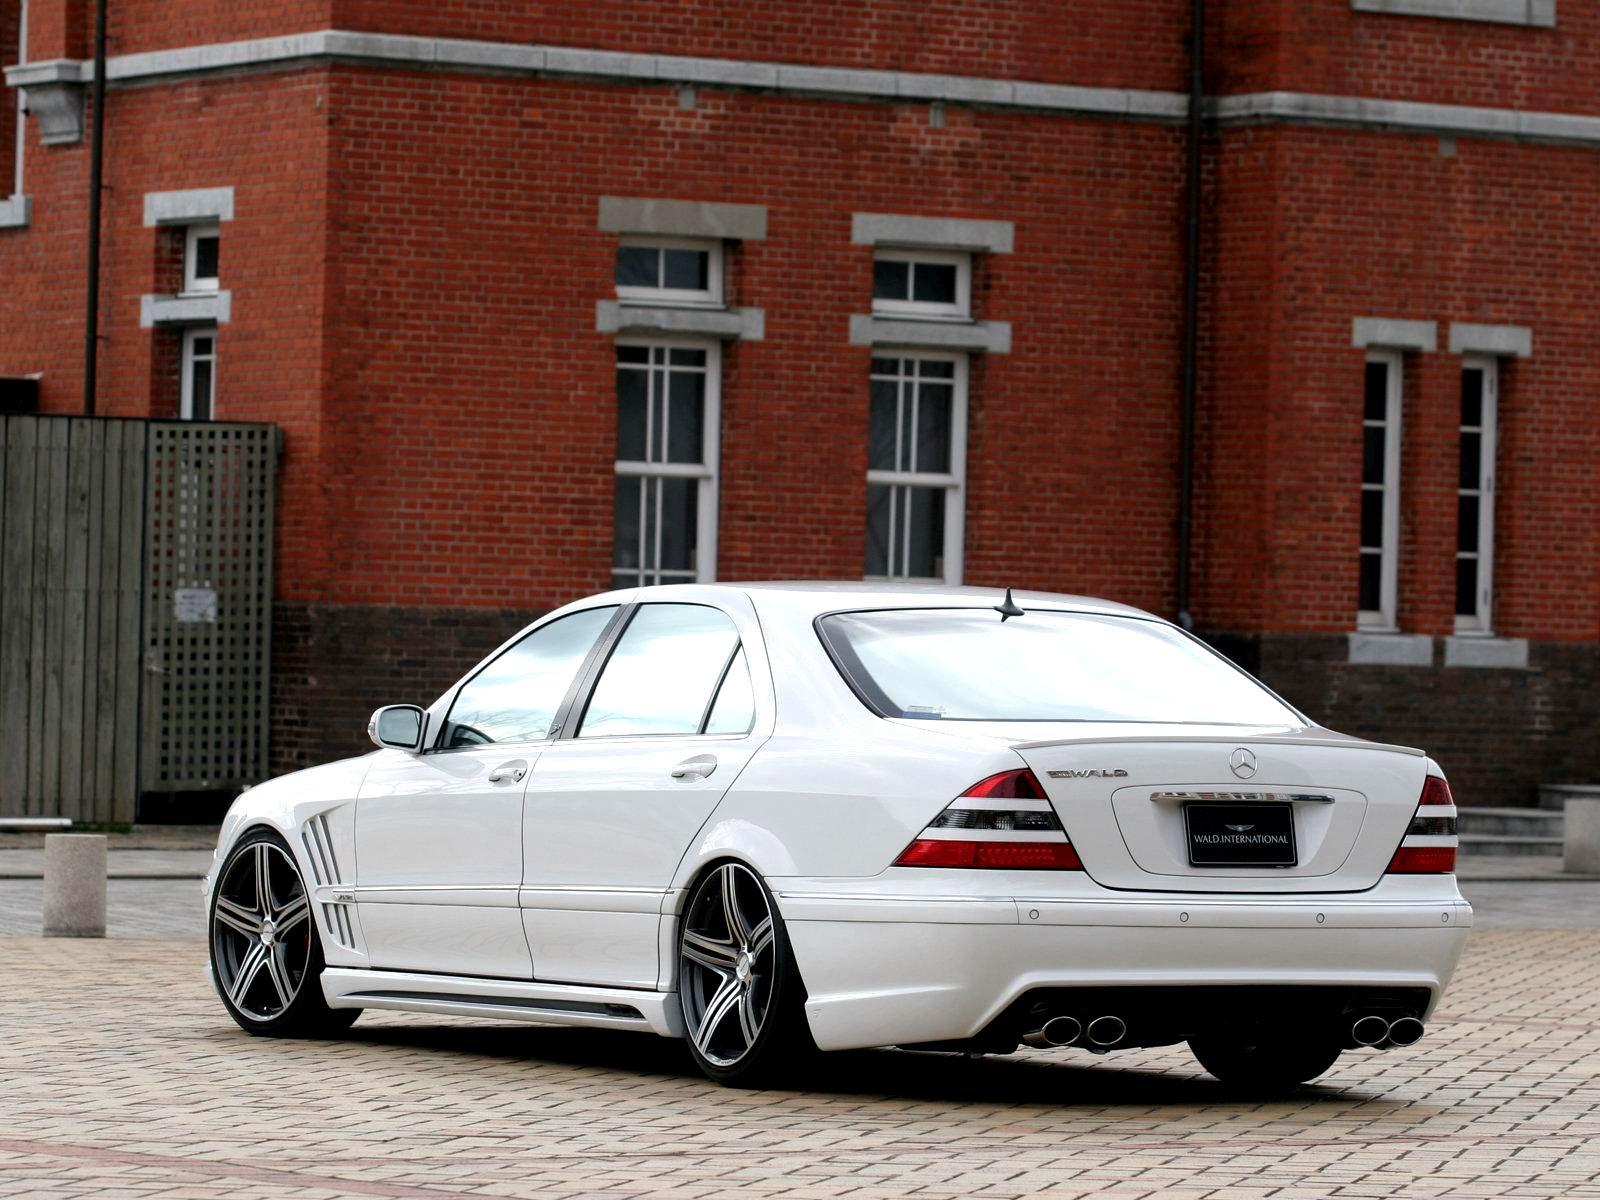 Mercedes W220 Wald 2 Mercedes W220 Tuning